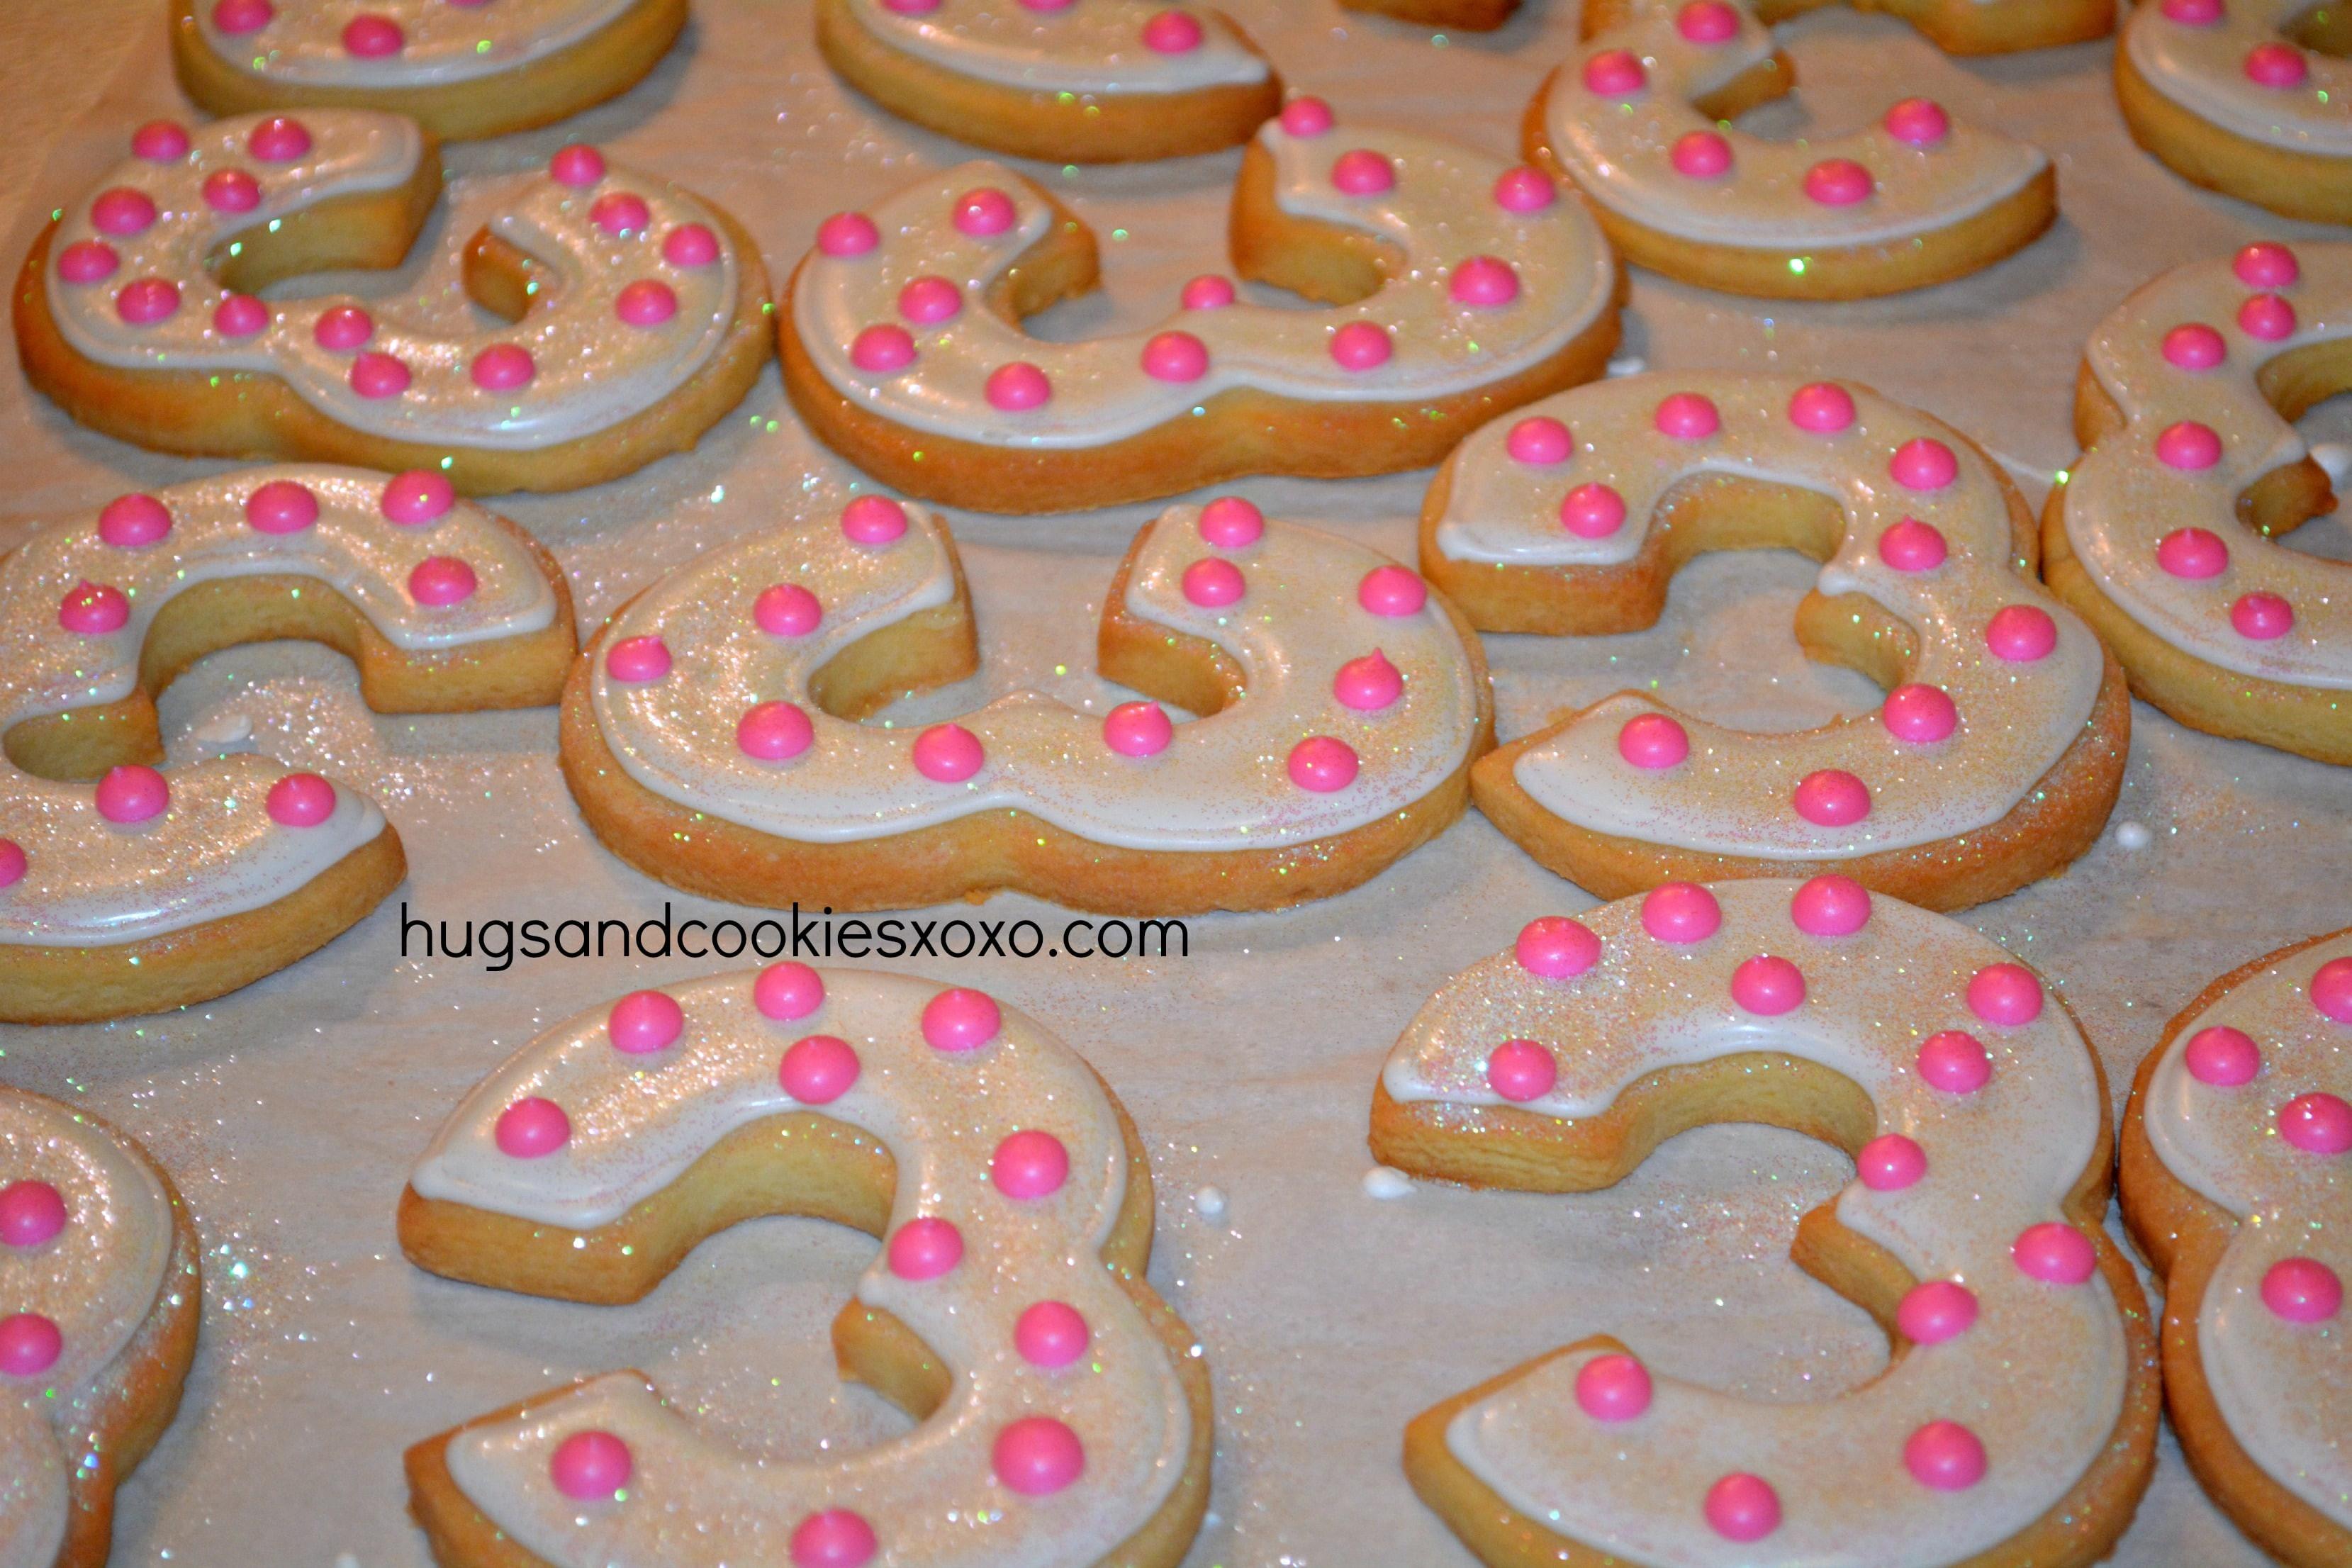 Decorated Sugar Cookies  Decorated Sugar Cookies Hugs and Cookies XOXO